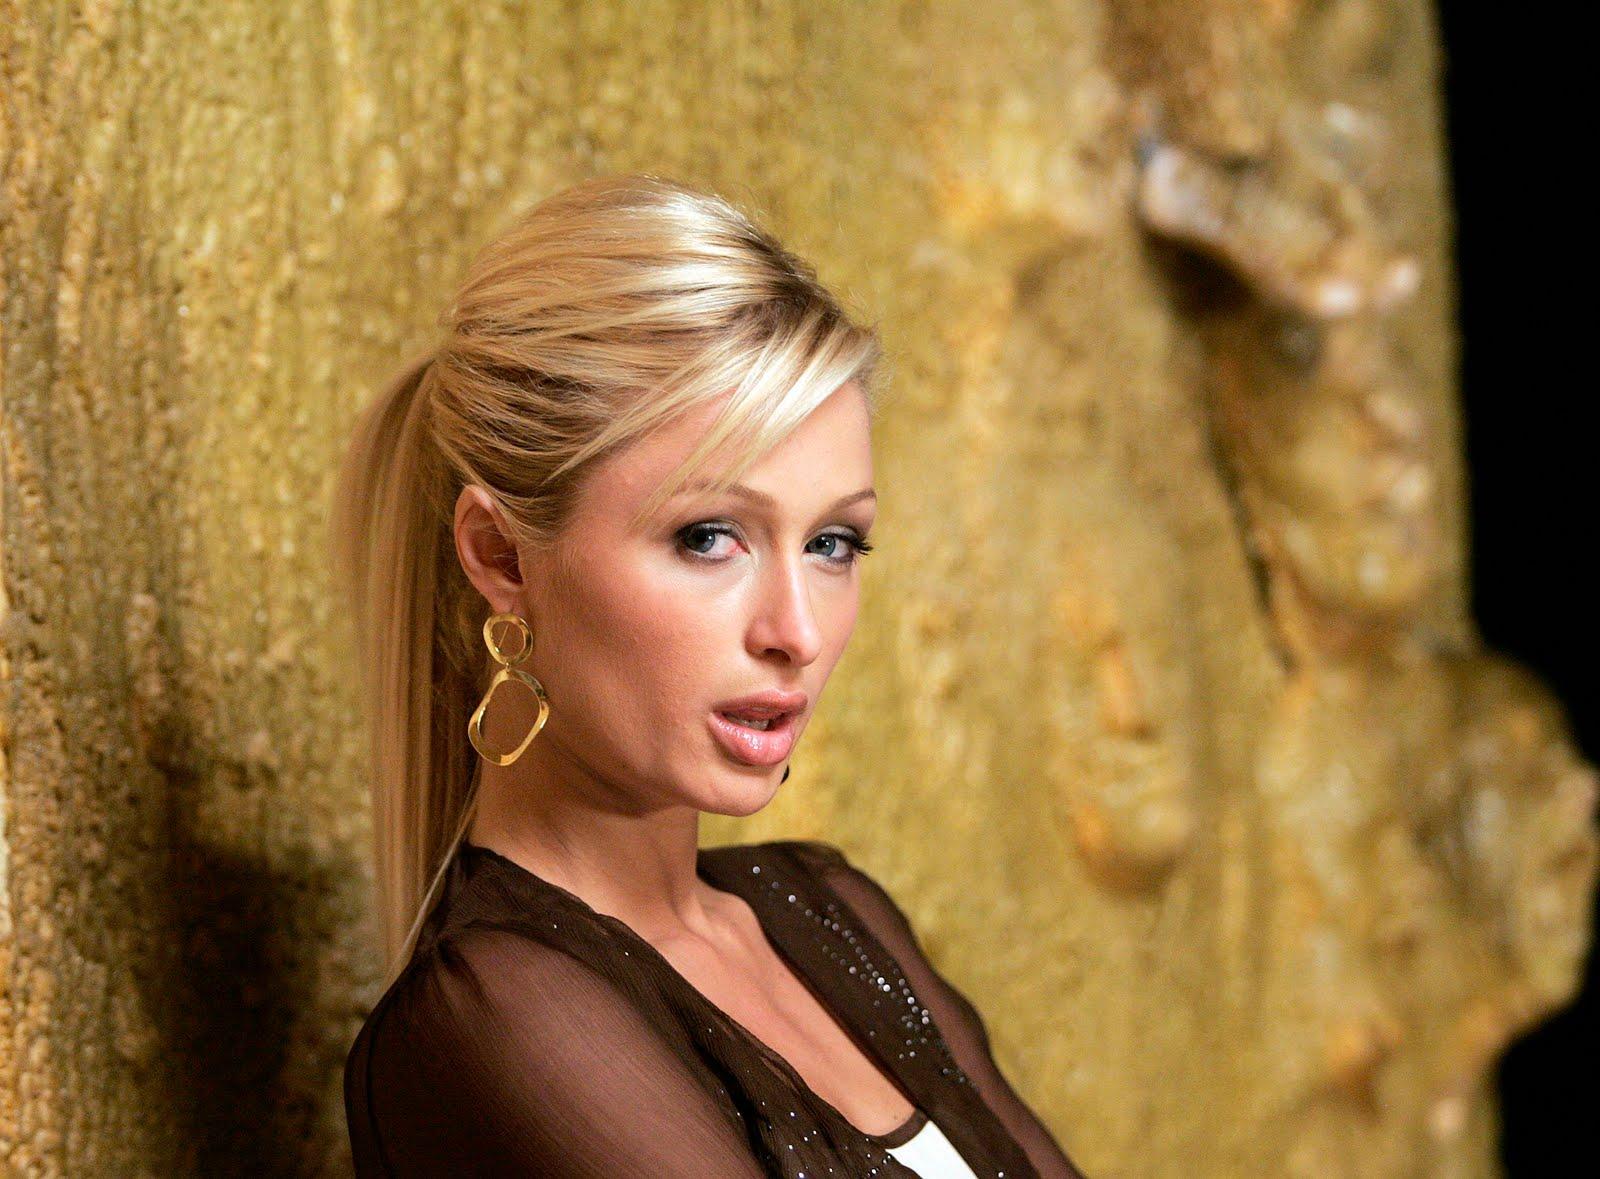 Paris Hilton, amuseur public des Illuminati ?